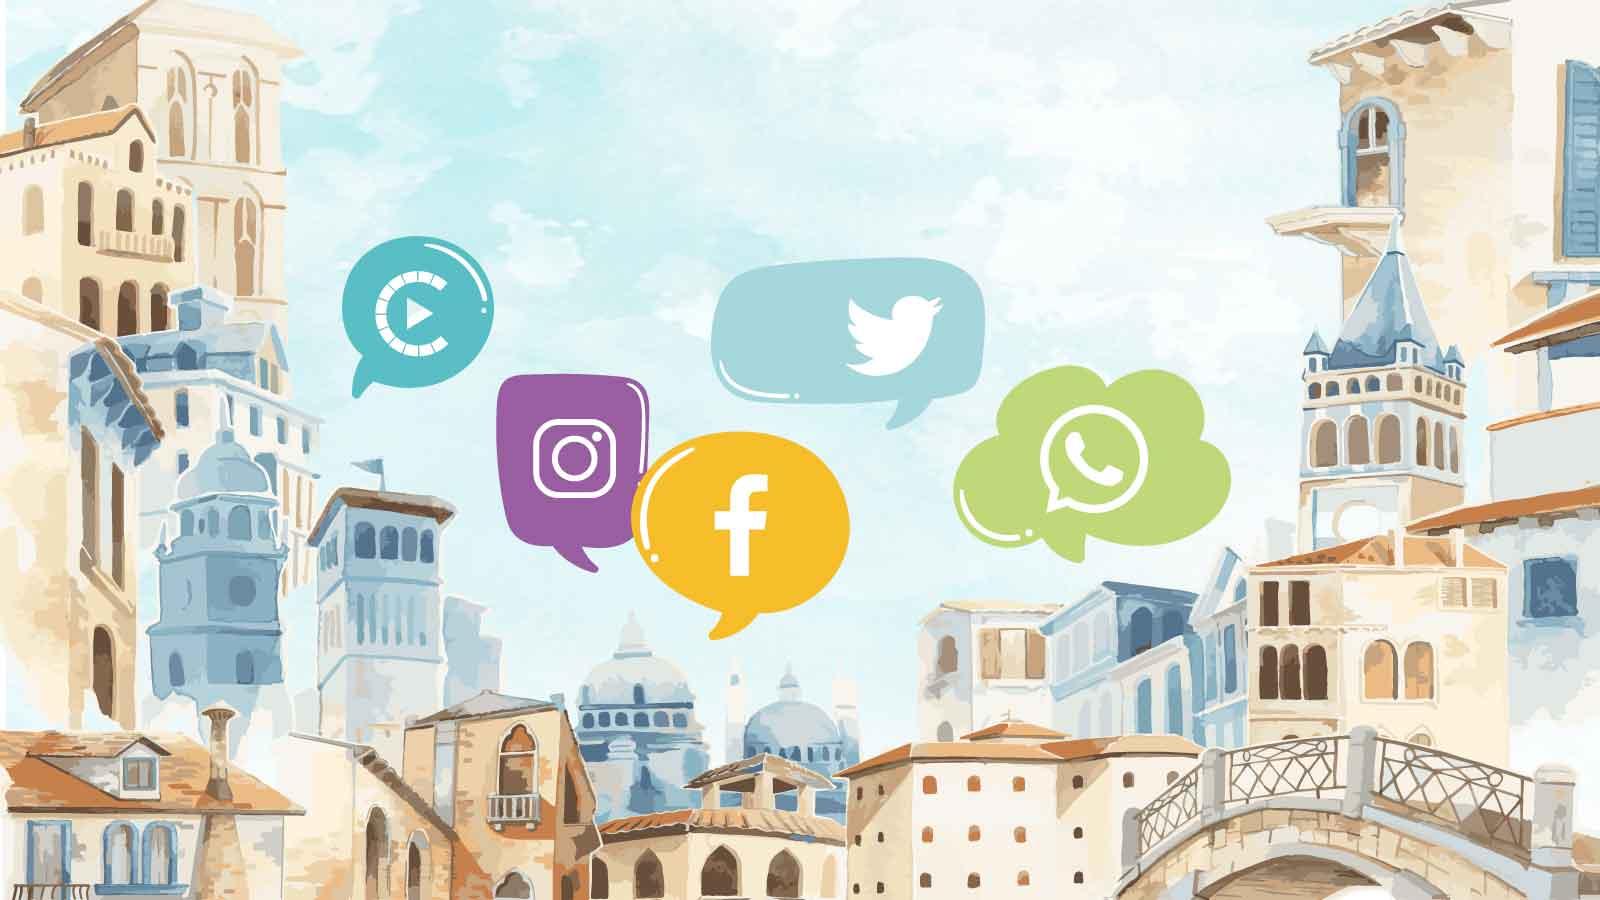 3. I social a misura di PA: come ottimizzarli per dare visibilità agli eventi del tuo comune | CiviCam